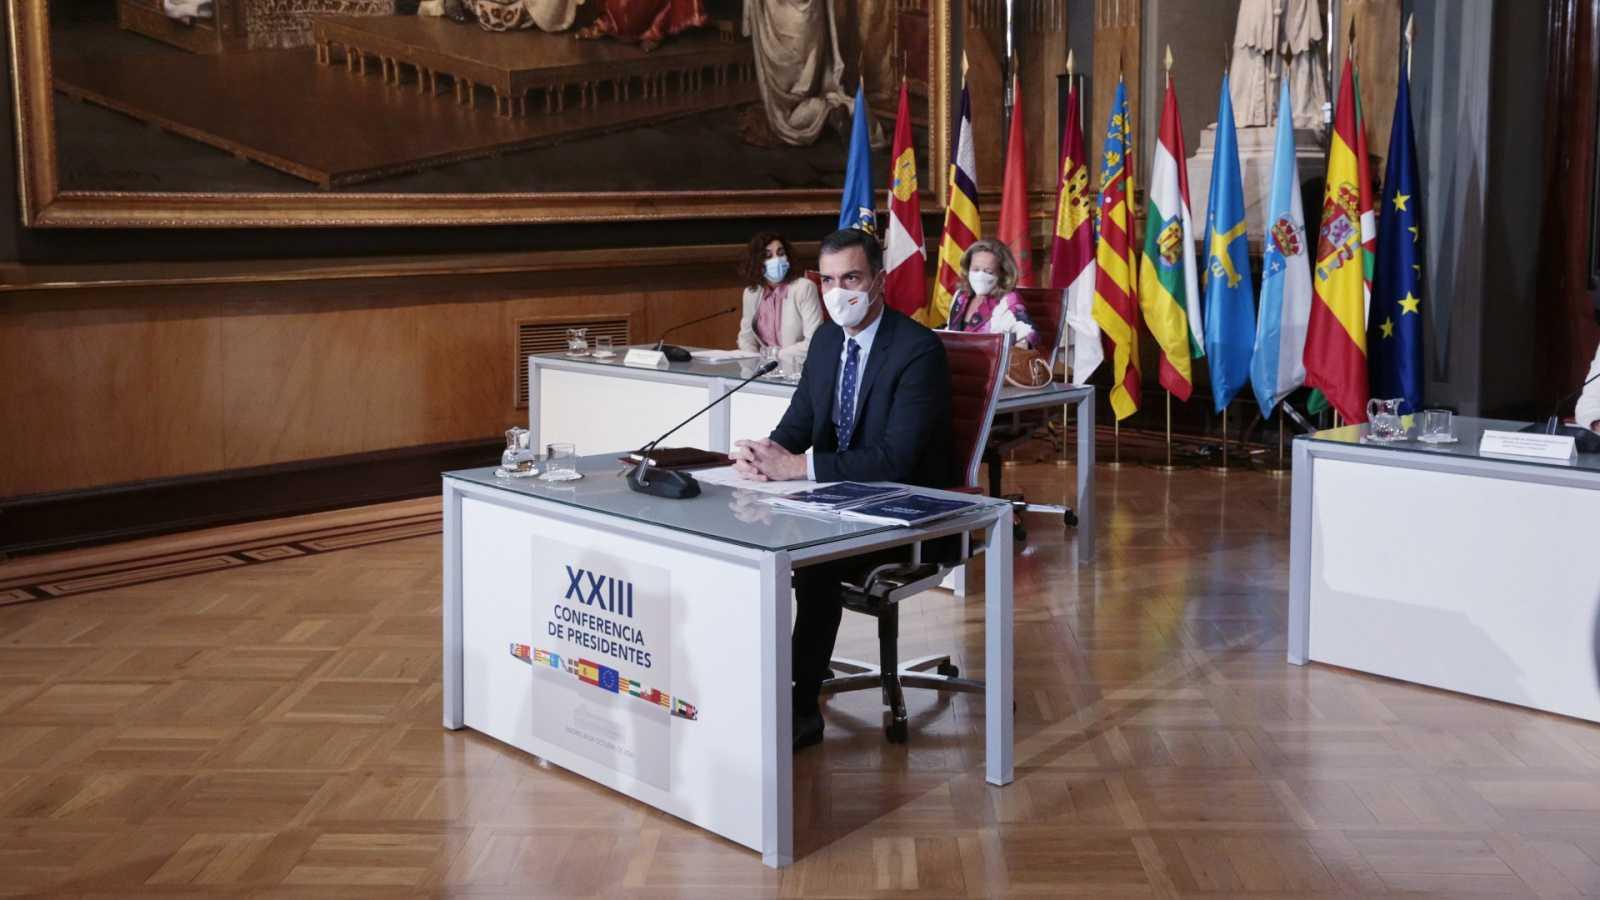 Los presidentes autonómicos piden un reparto equitativo y justo de los fondos europeos